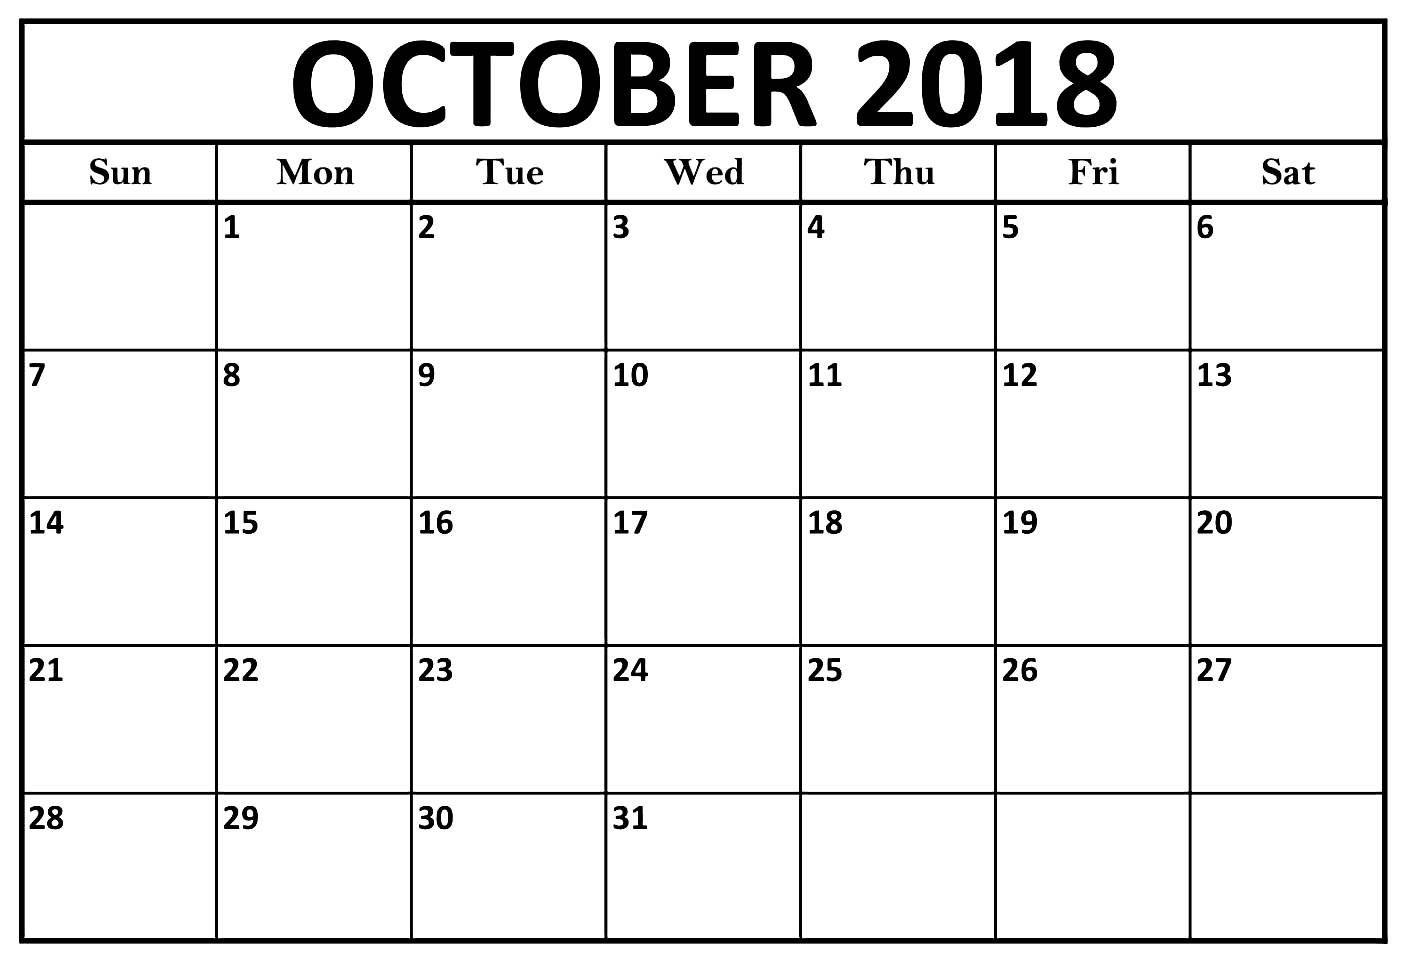 October Calendar 2018 Large Print Template | October